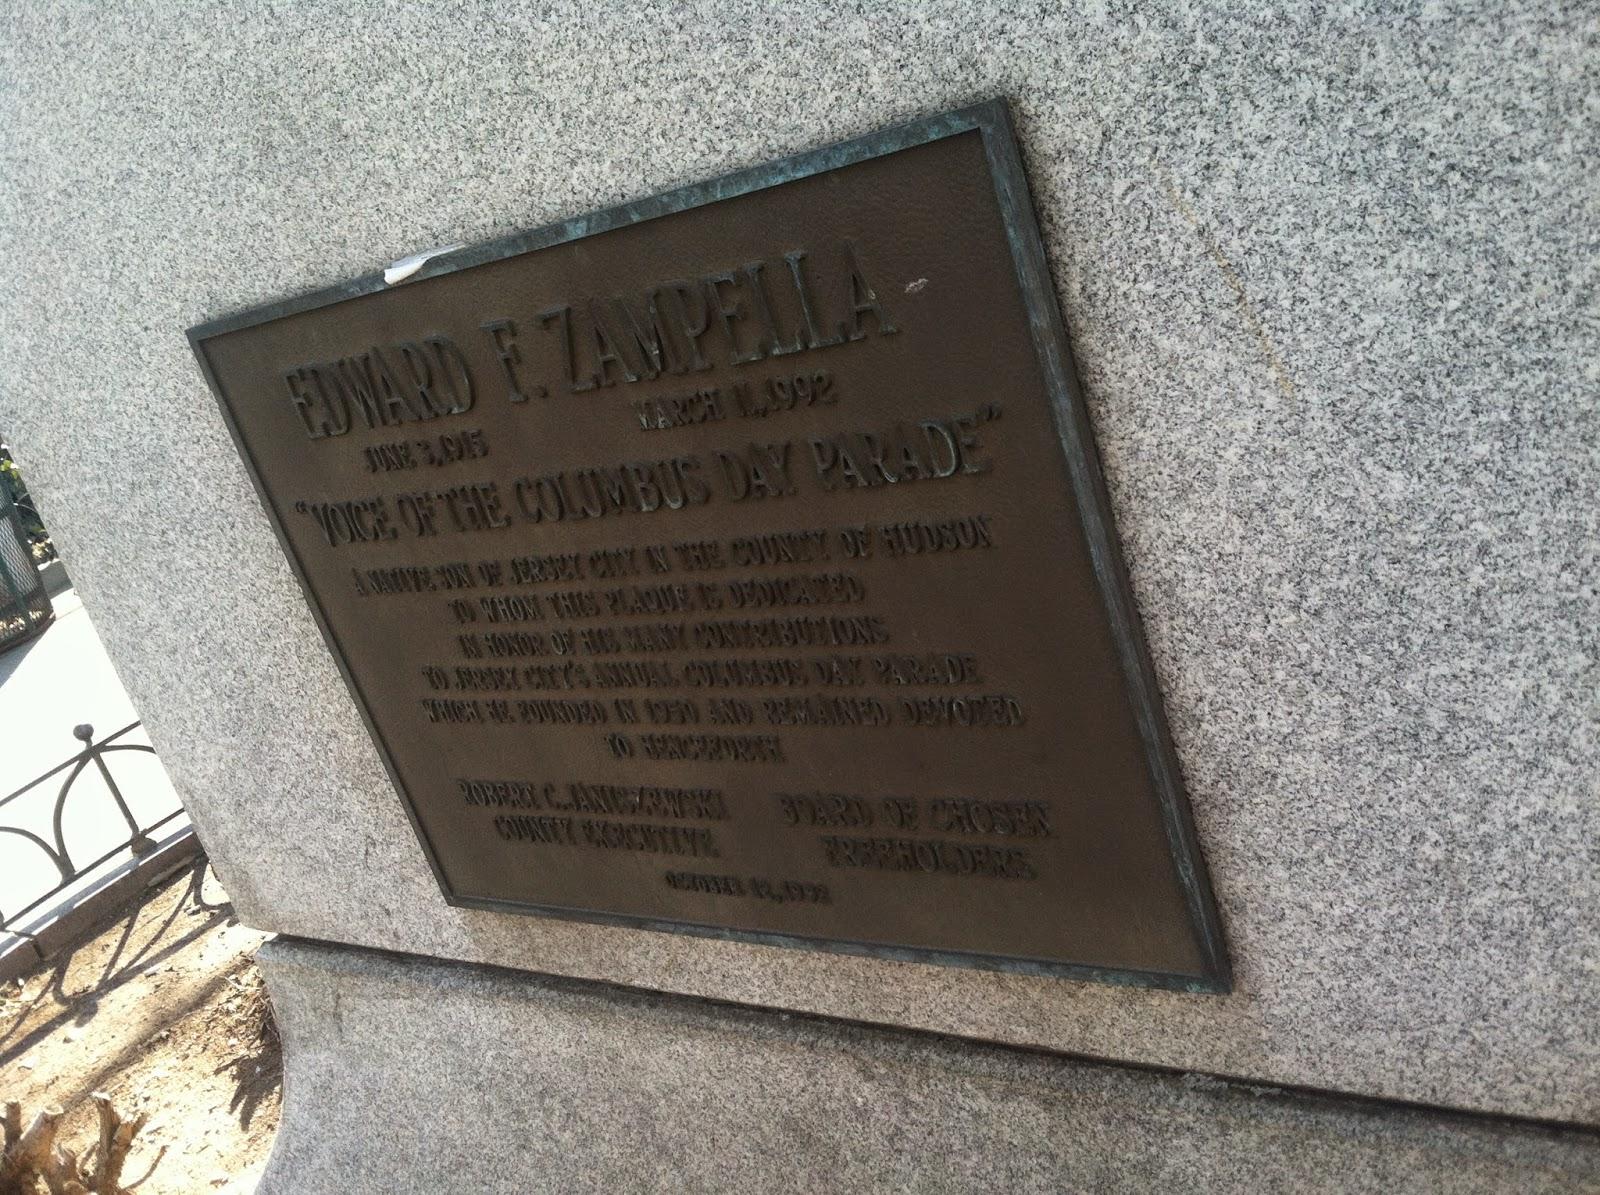 Edward F Zampella